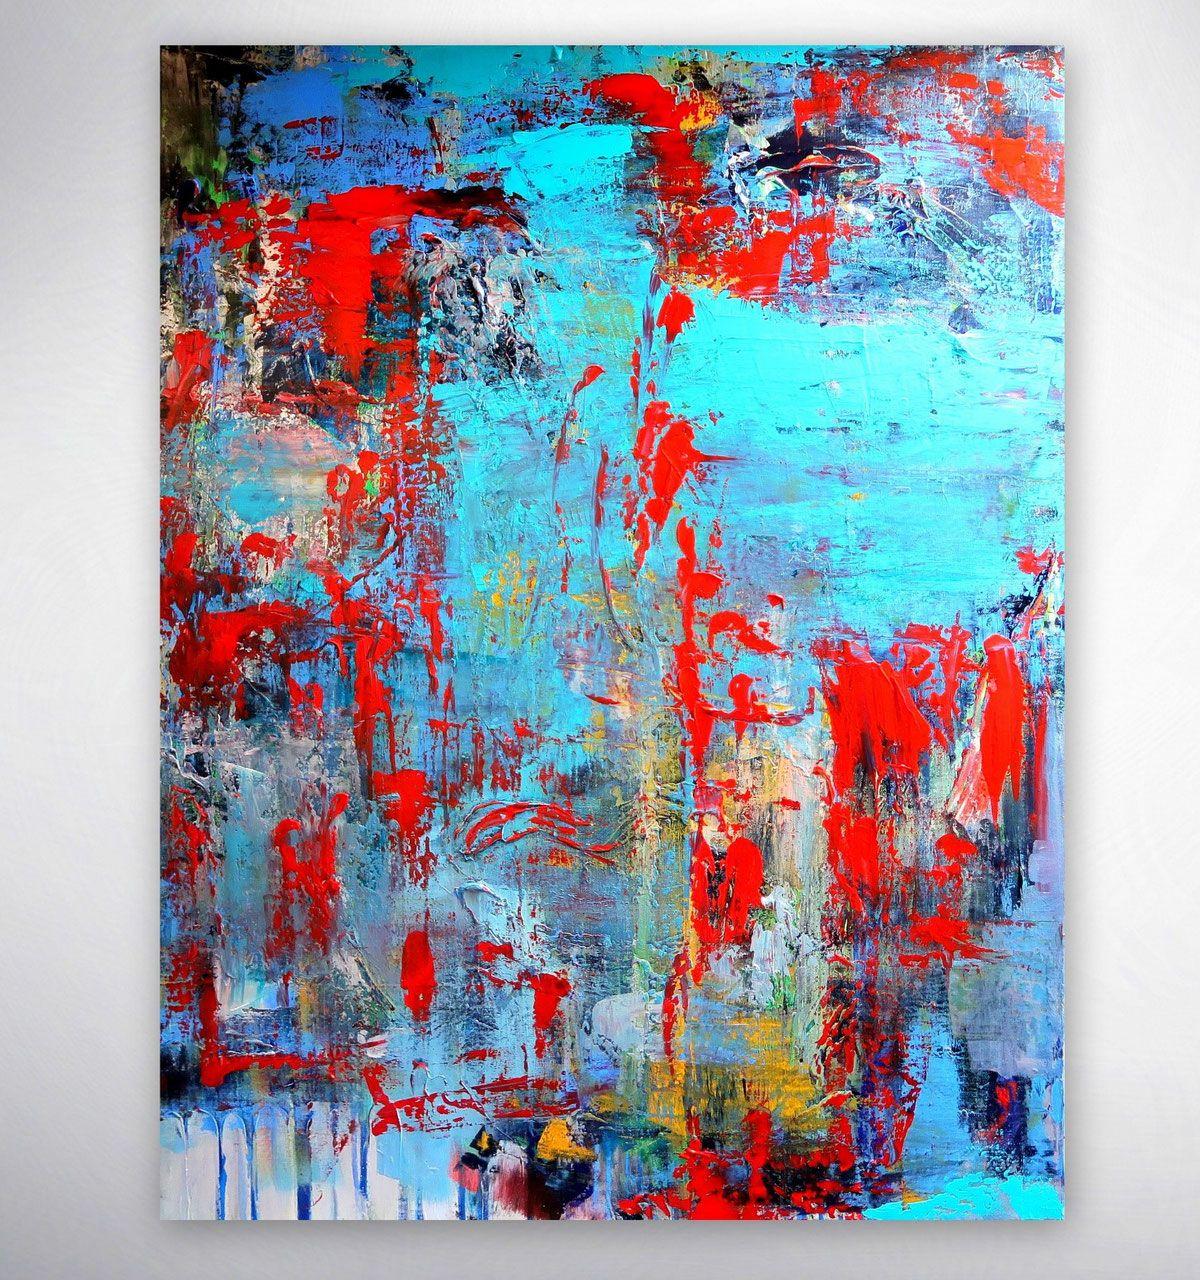 bild bunt modernes acrylbild gemalde originale unikate bilder modern abstrakte kunstgalerie online shop galerie kaufen abstract art painting zeitgenössische kunst gemälde frau